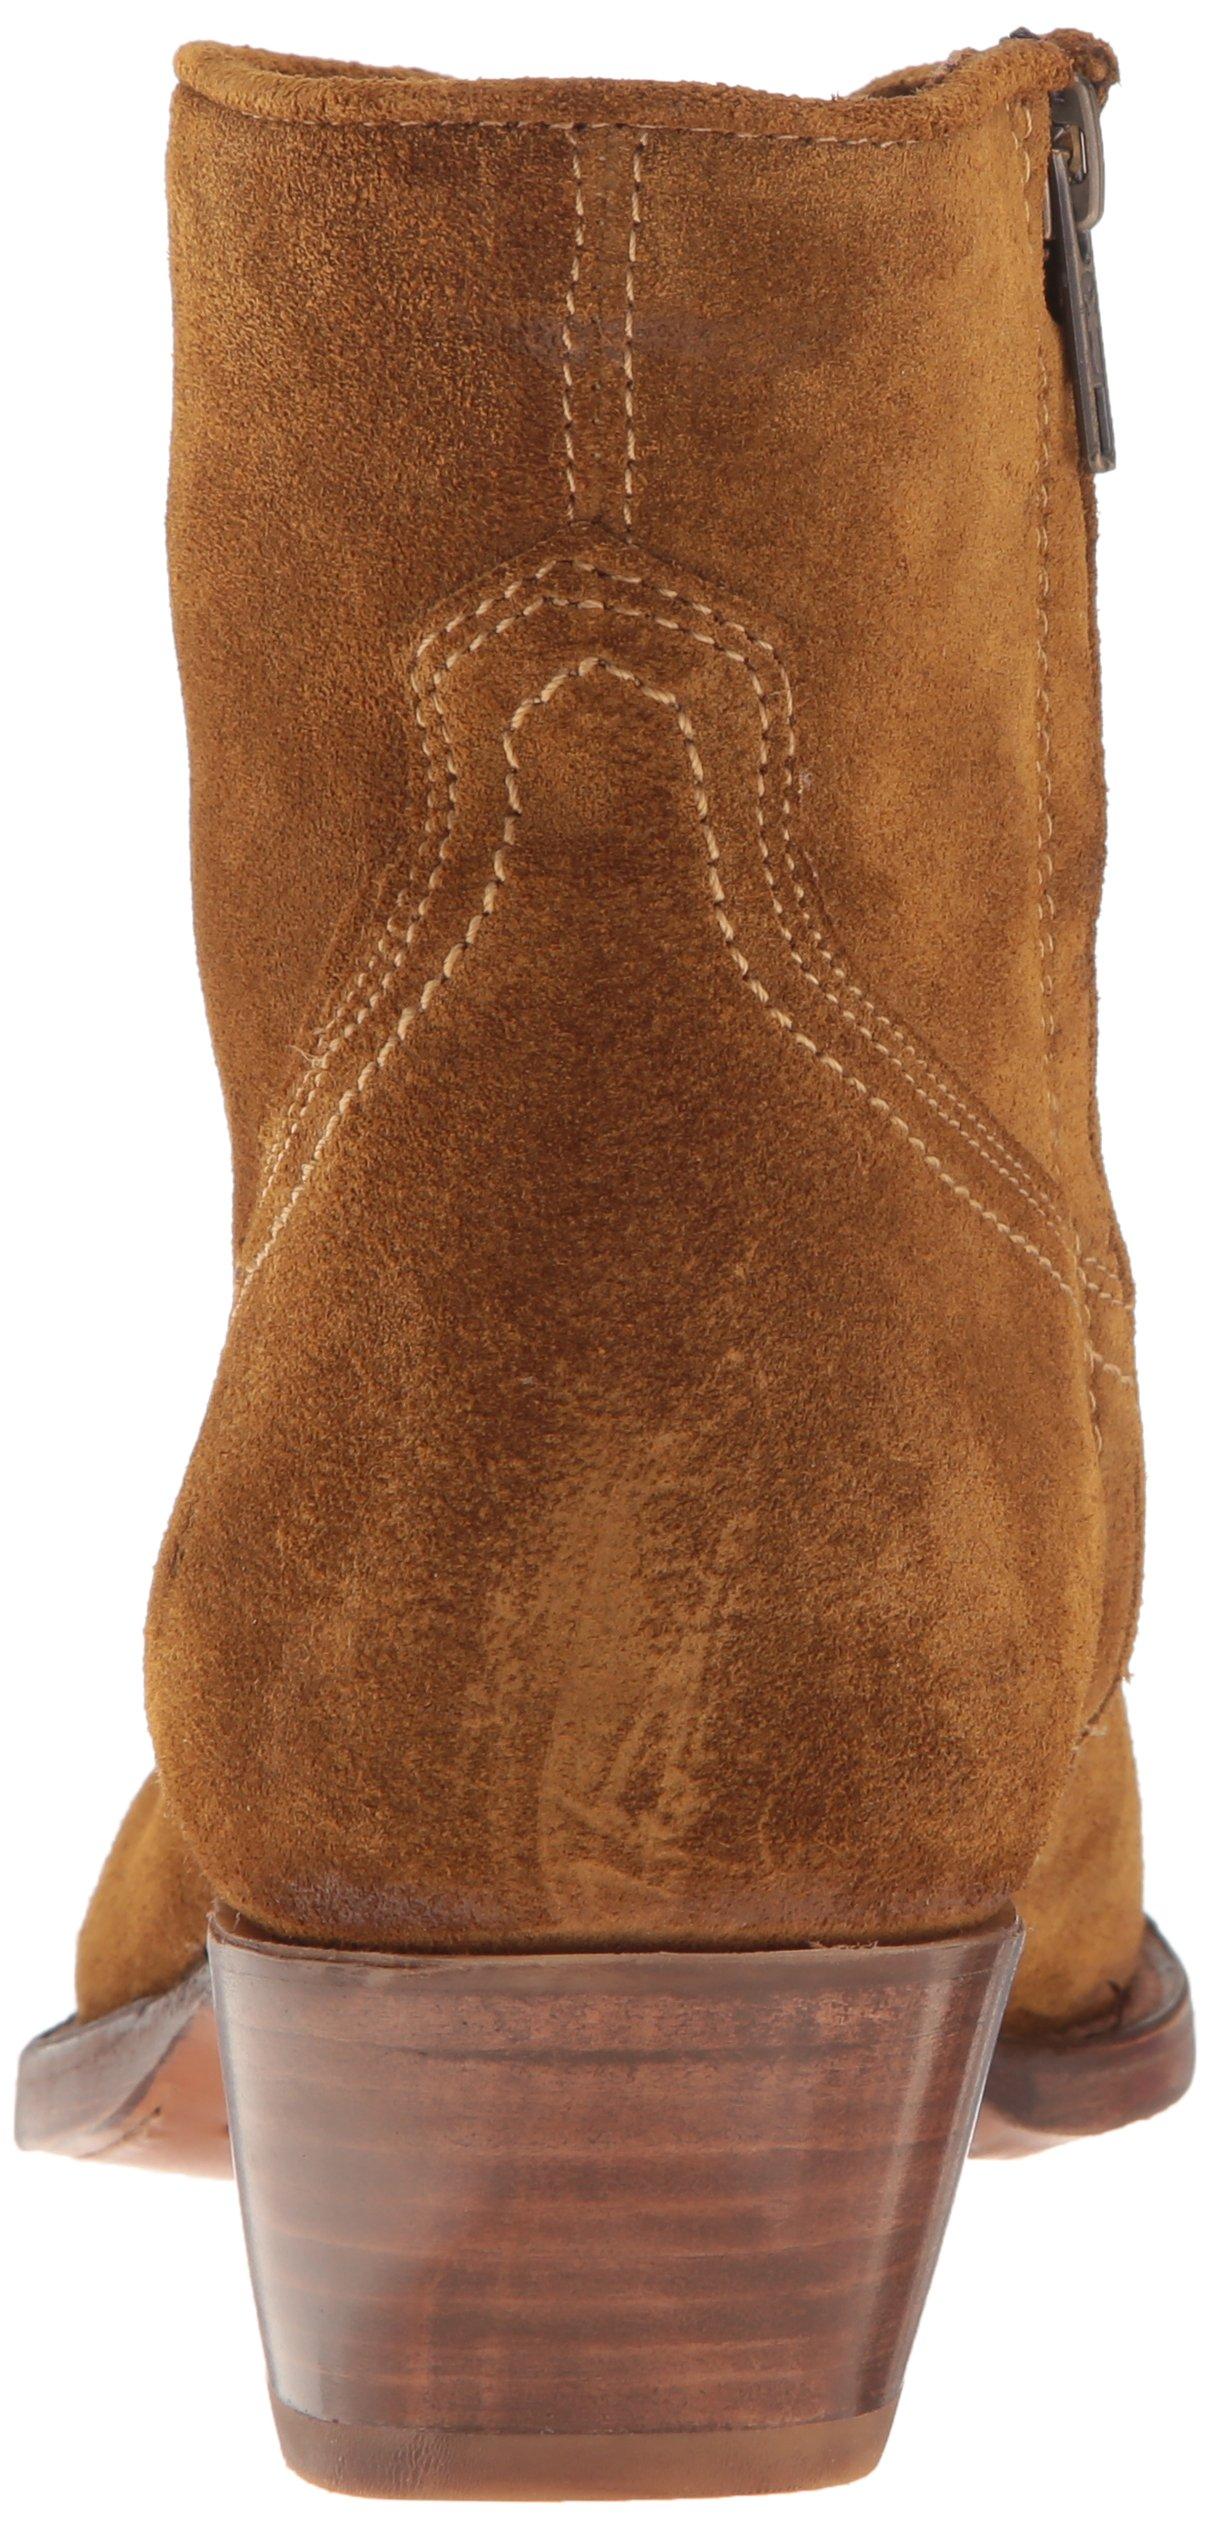 FRYE Women's Shane Tip Short Western Boot by FRYE (Image #2)